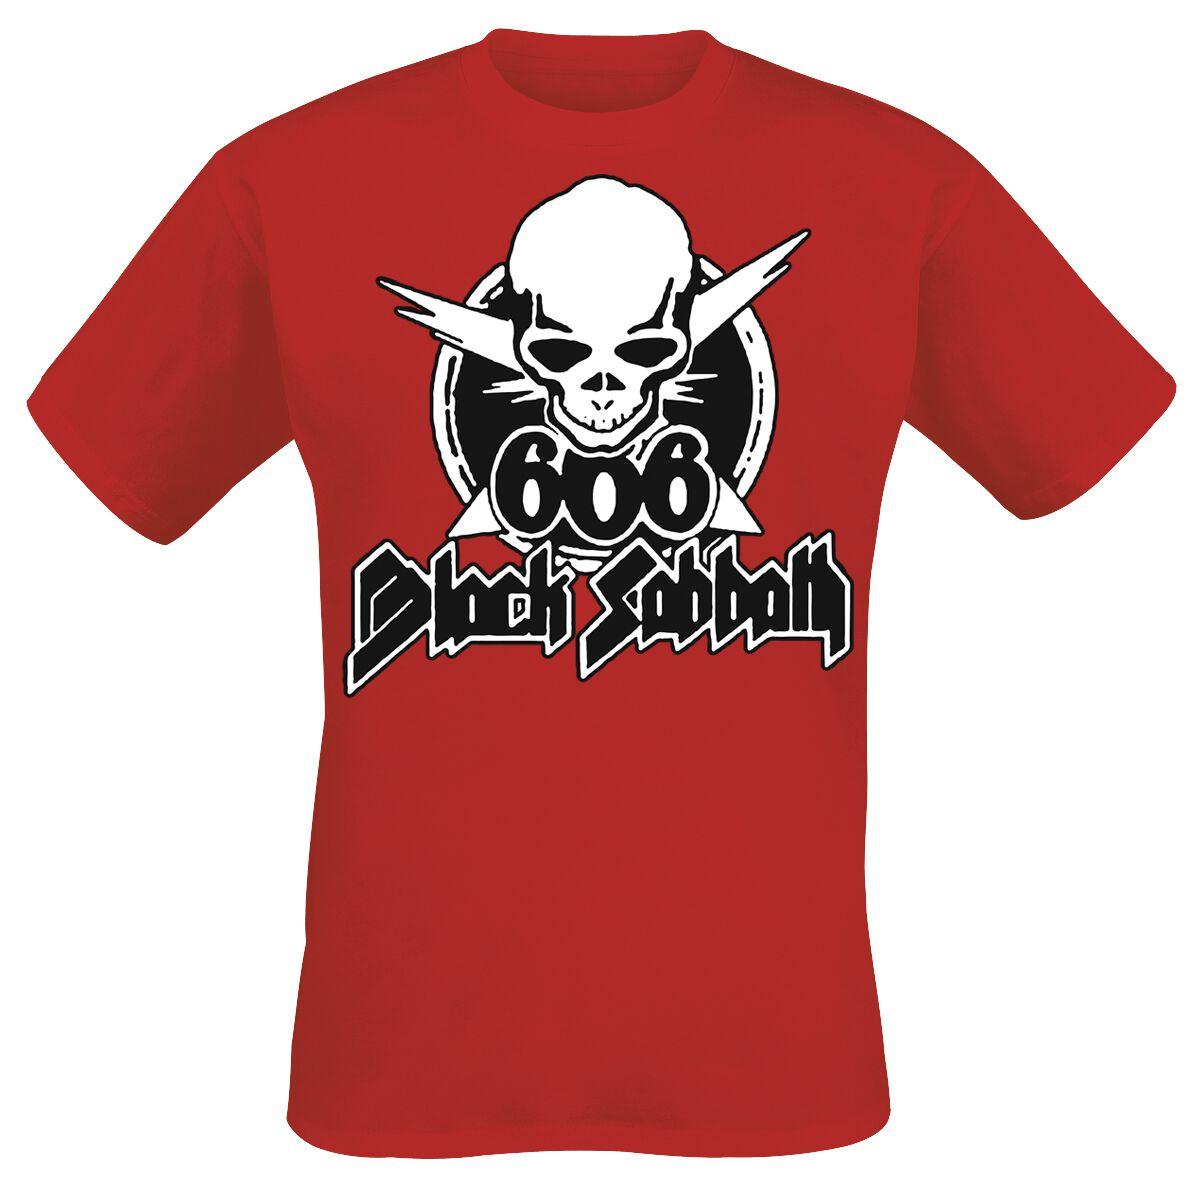 Zespoły - Koszulki - T-Shirt Black Sabbath 666 Skull T-Shirt czerwony - 357119